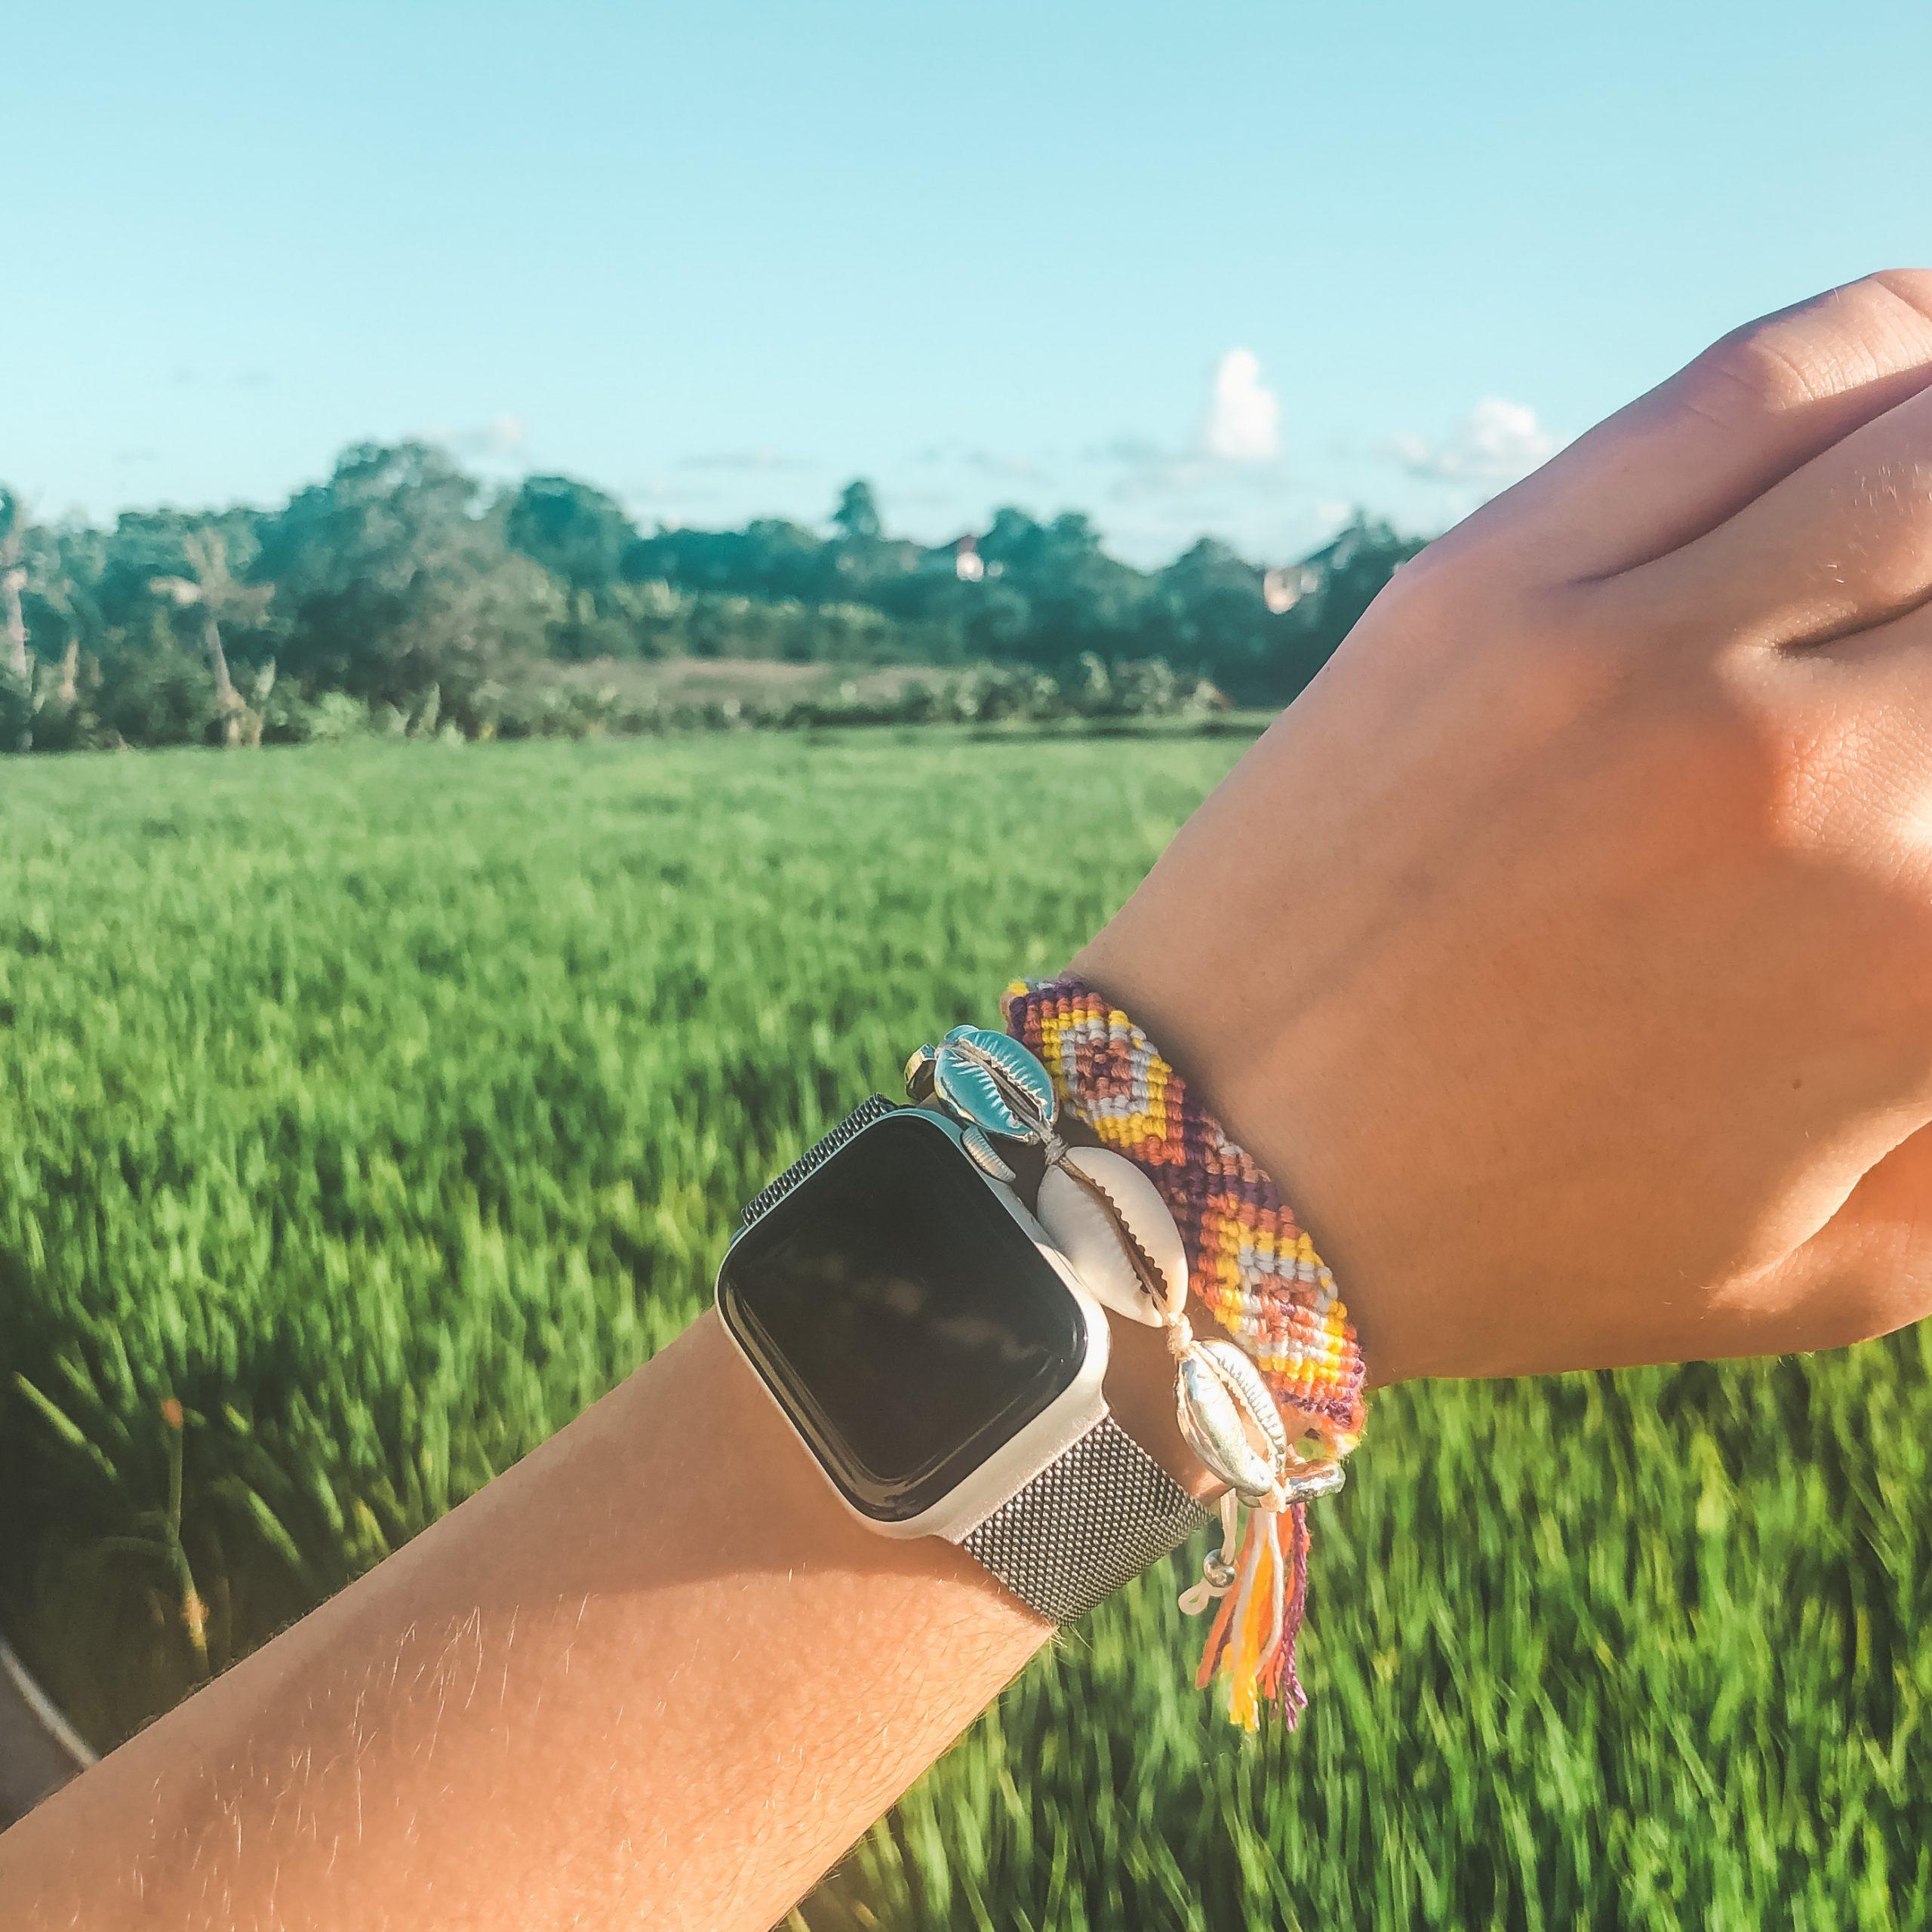 Woven bracelet #2